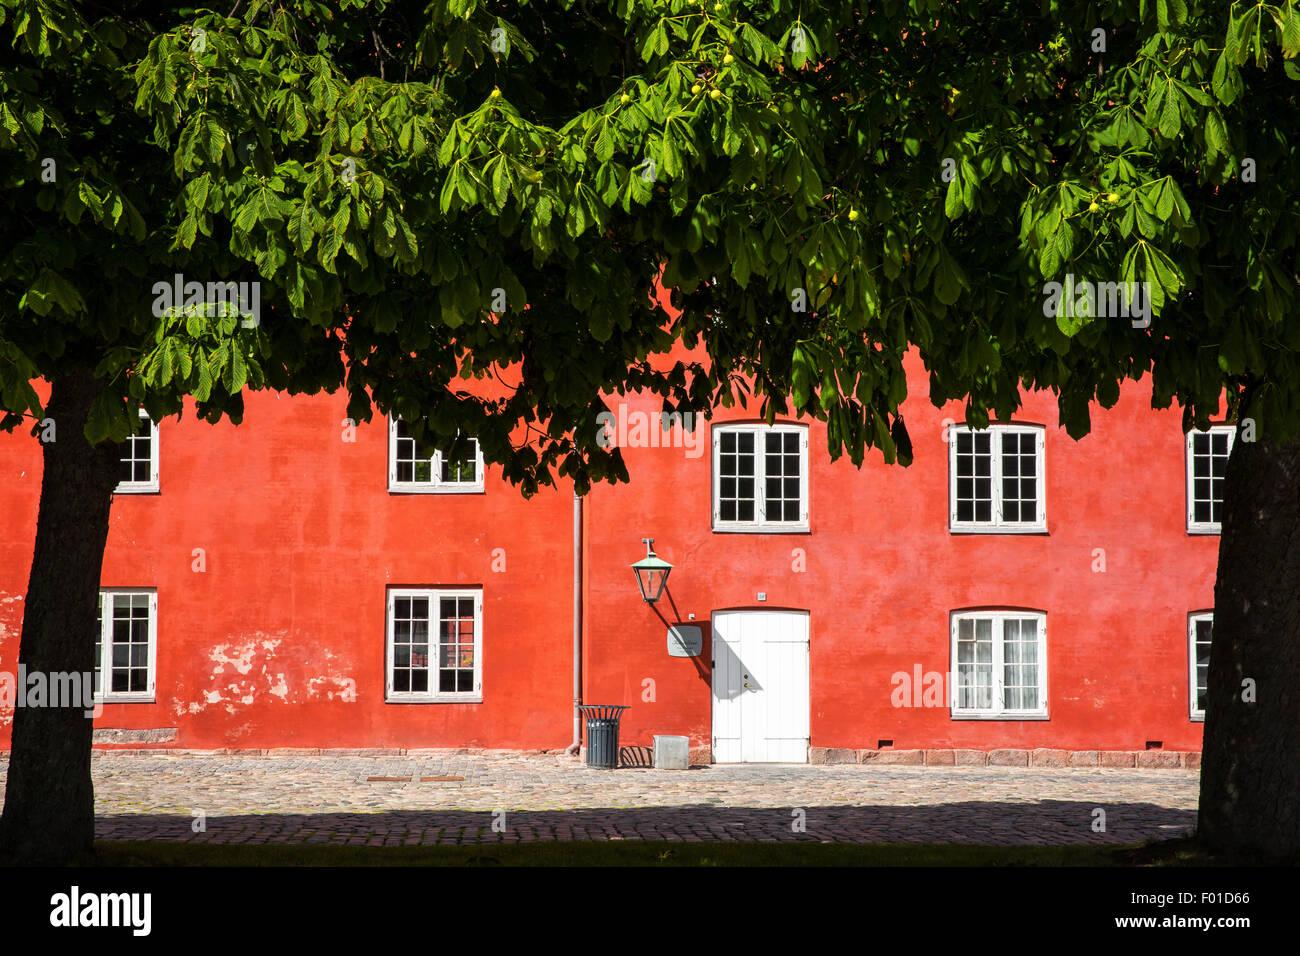 Barrack in the Kastellet fortress, Copenhagen, Denmark - Stock Image